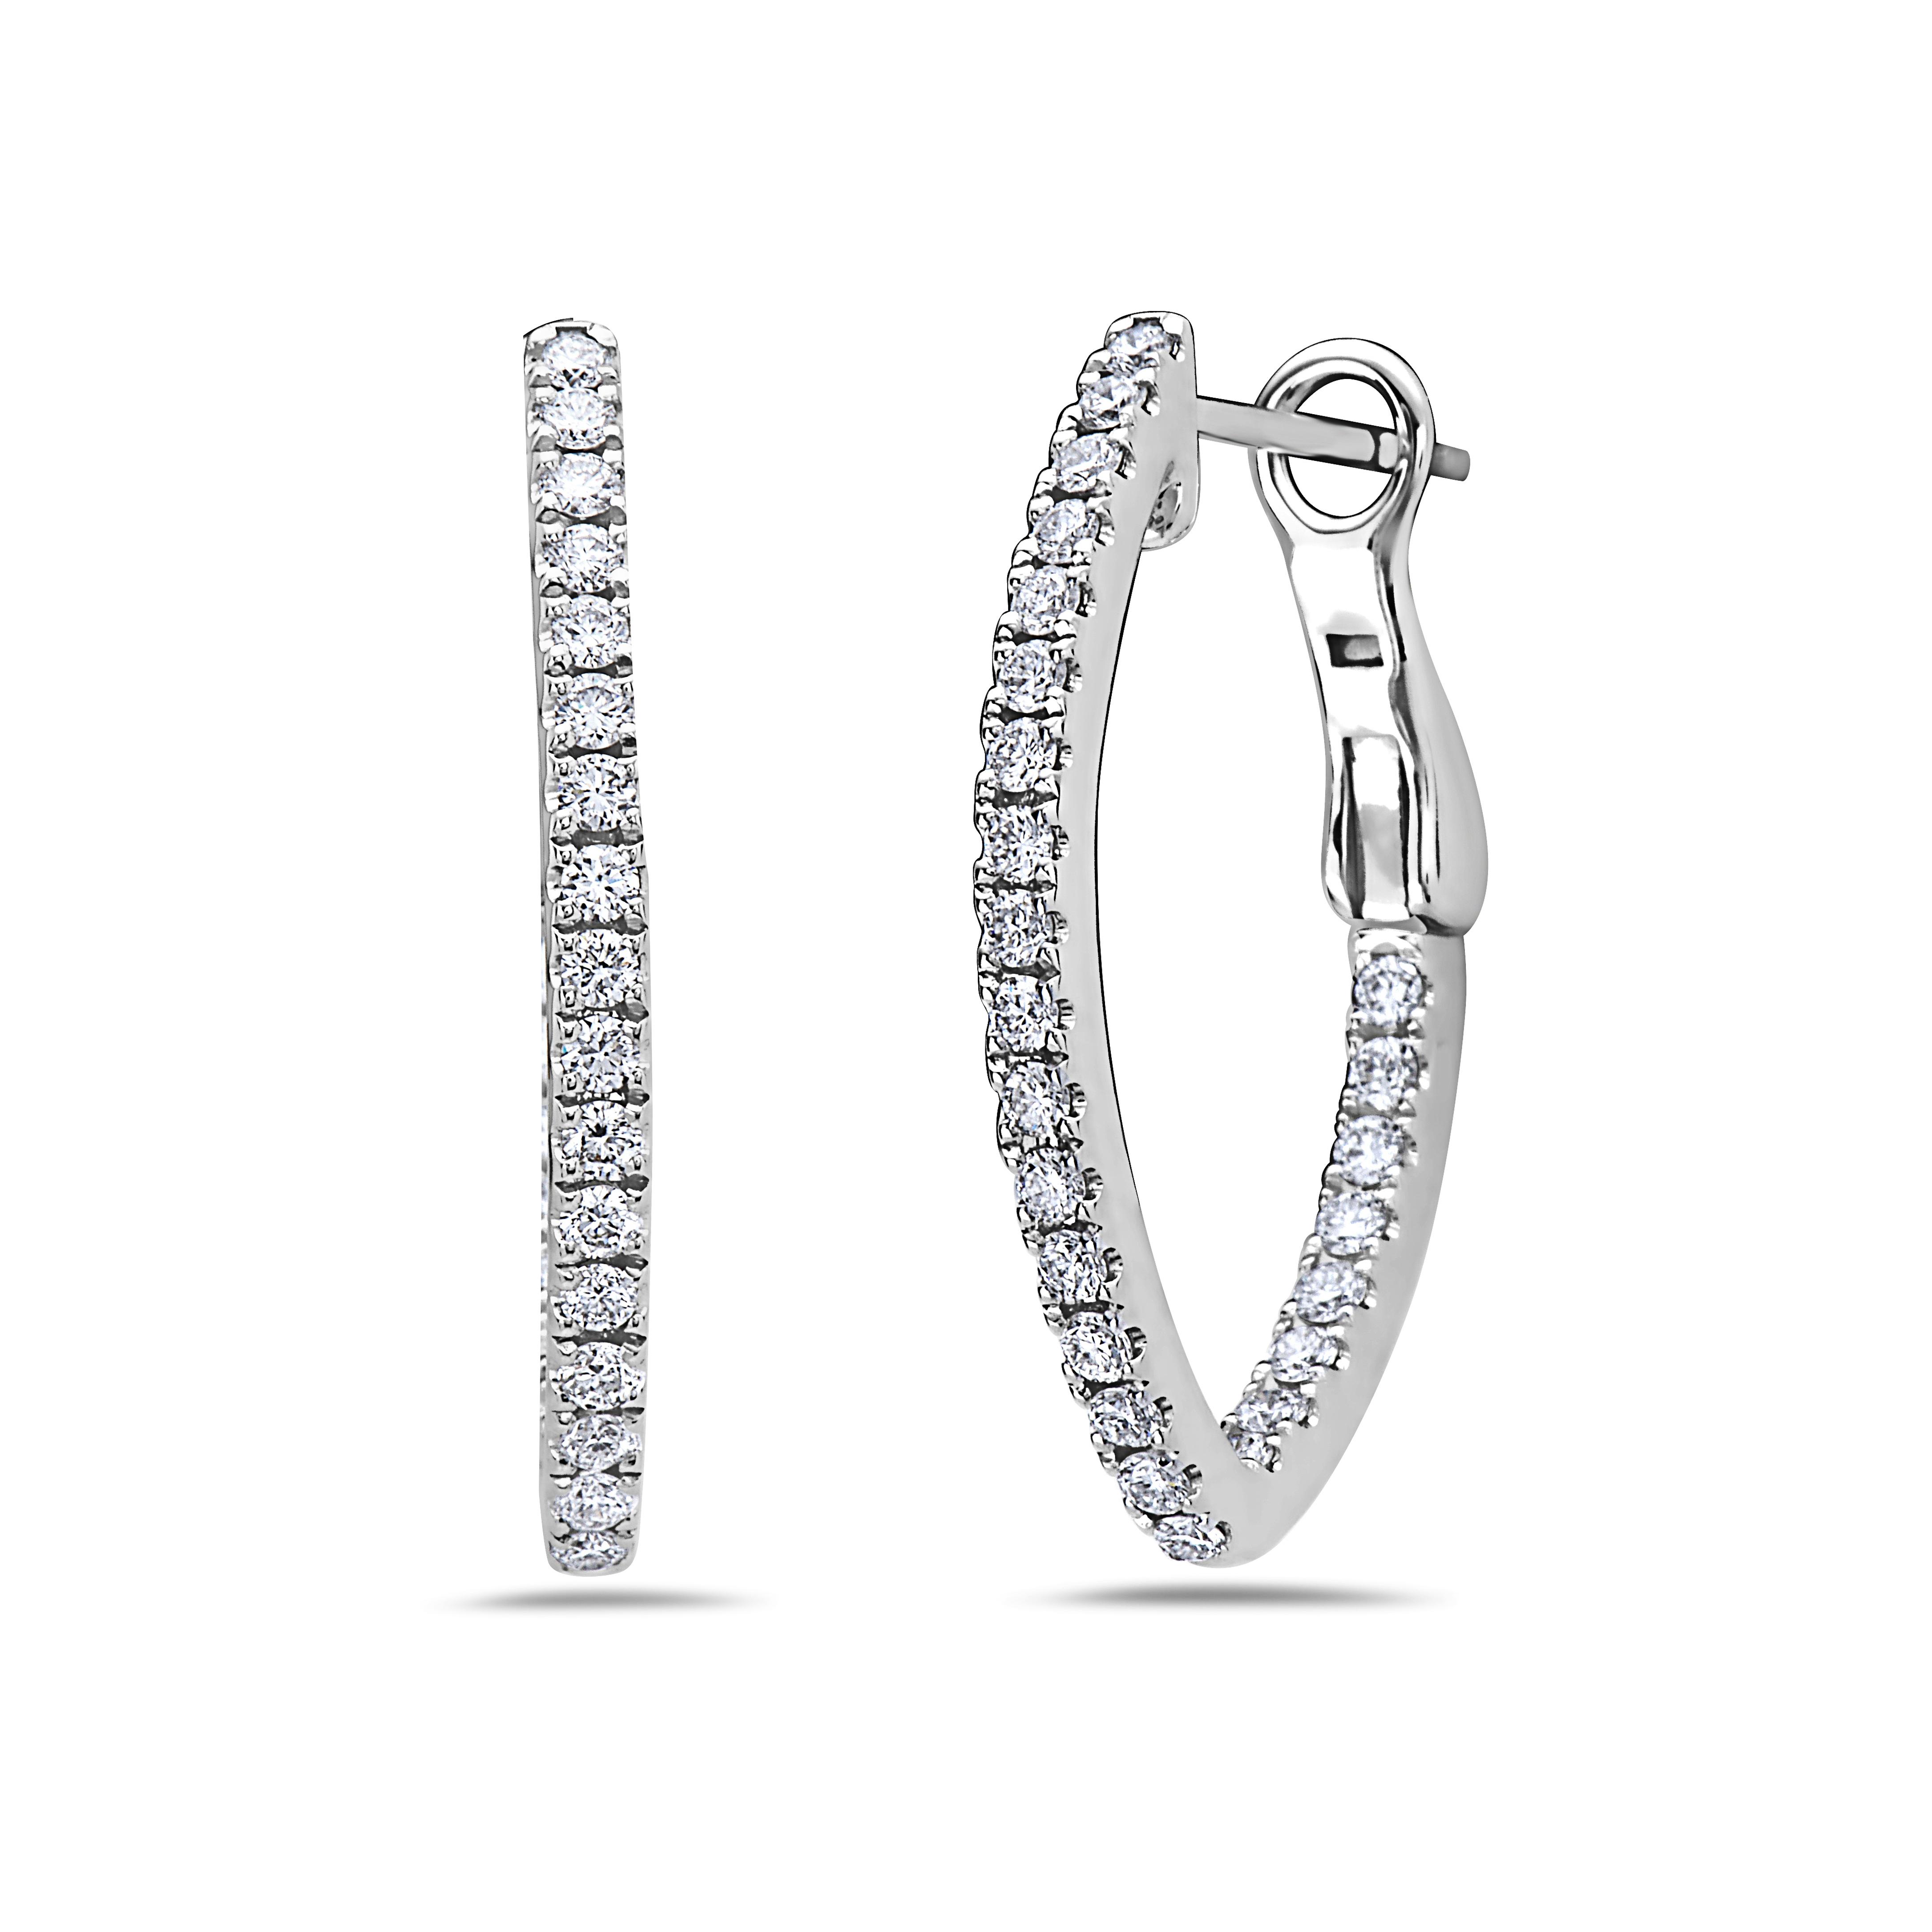 Charles Krypell 18 Karat White Gold Diamond In/Out V Hoop Earrings